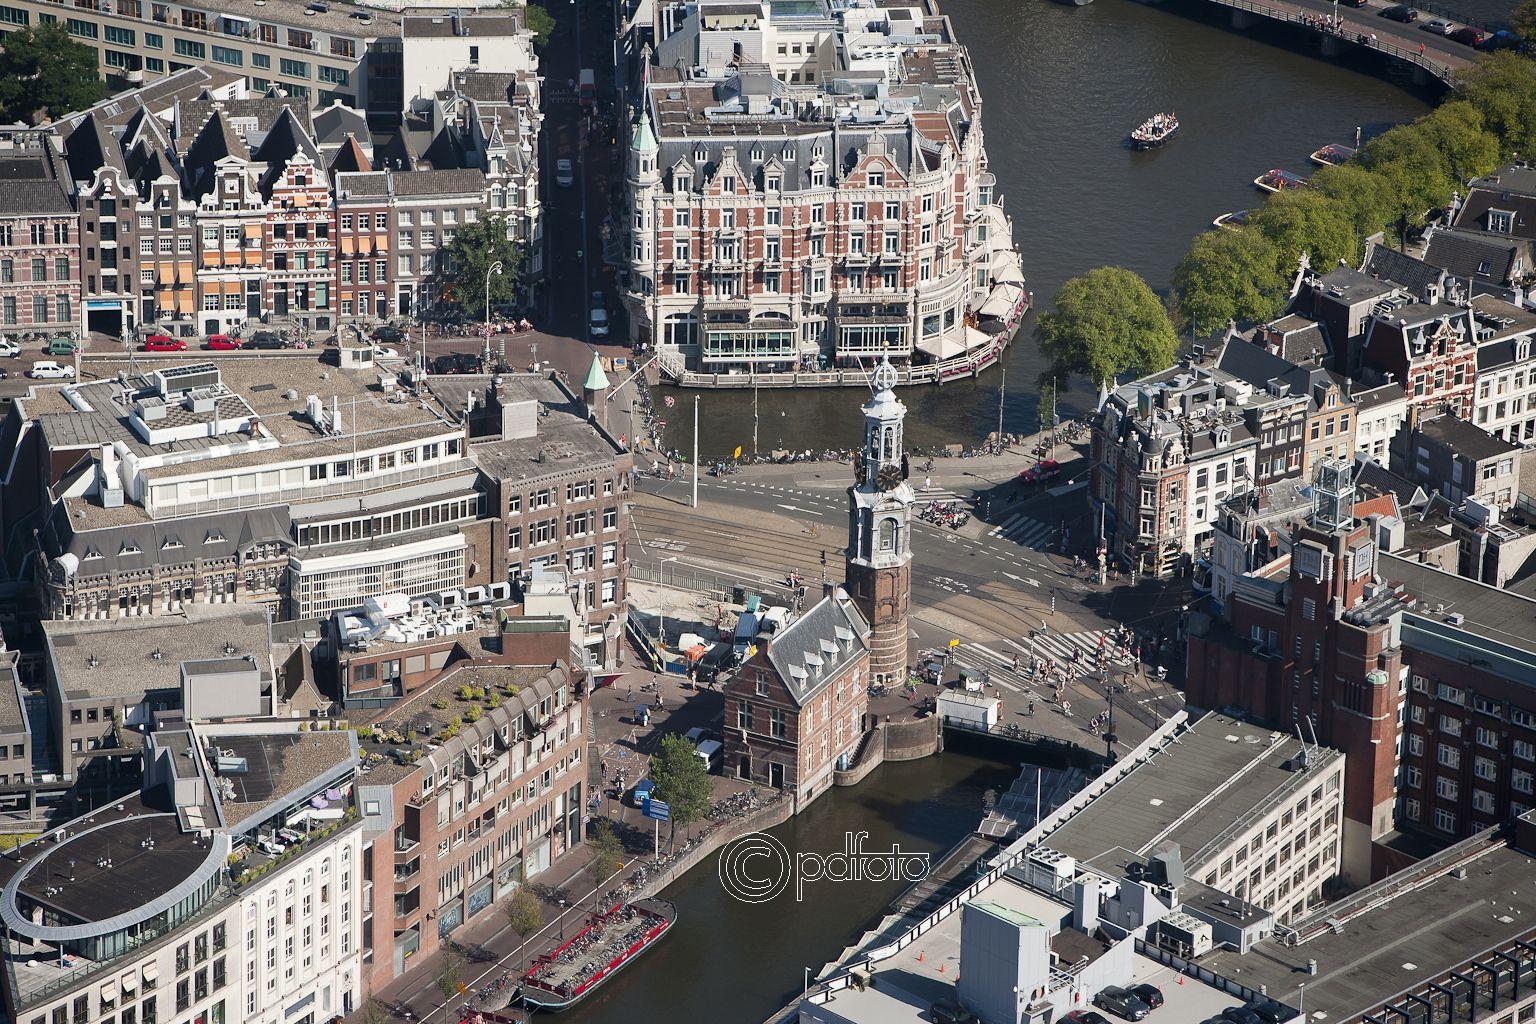 De Munt, Amsterdam. pdfoto.eu